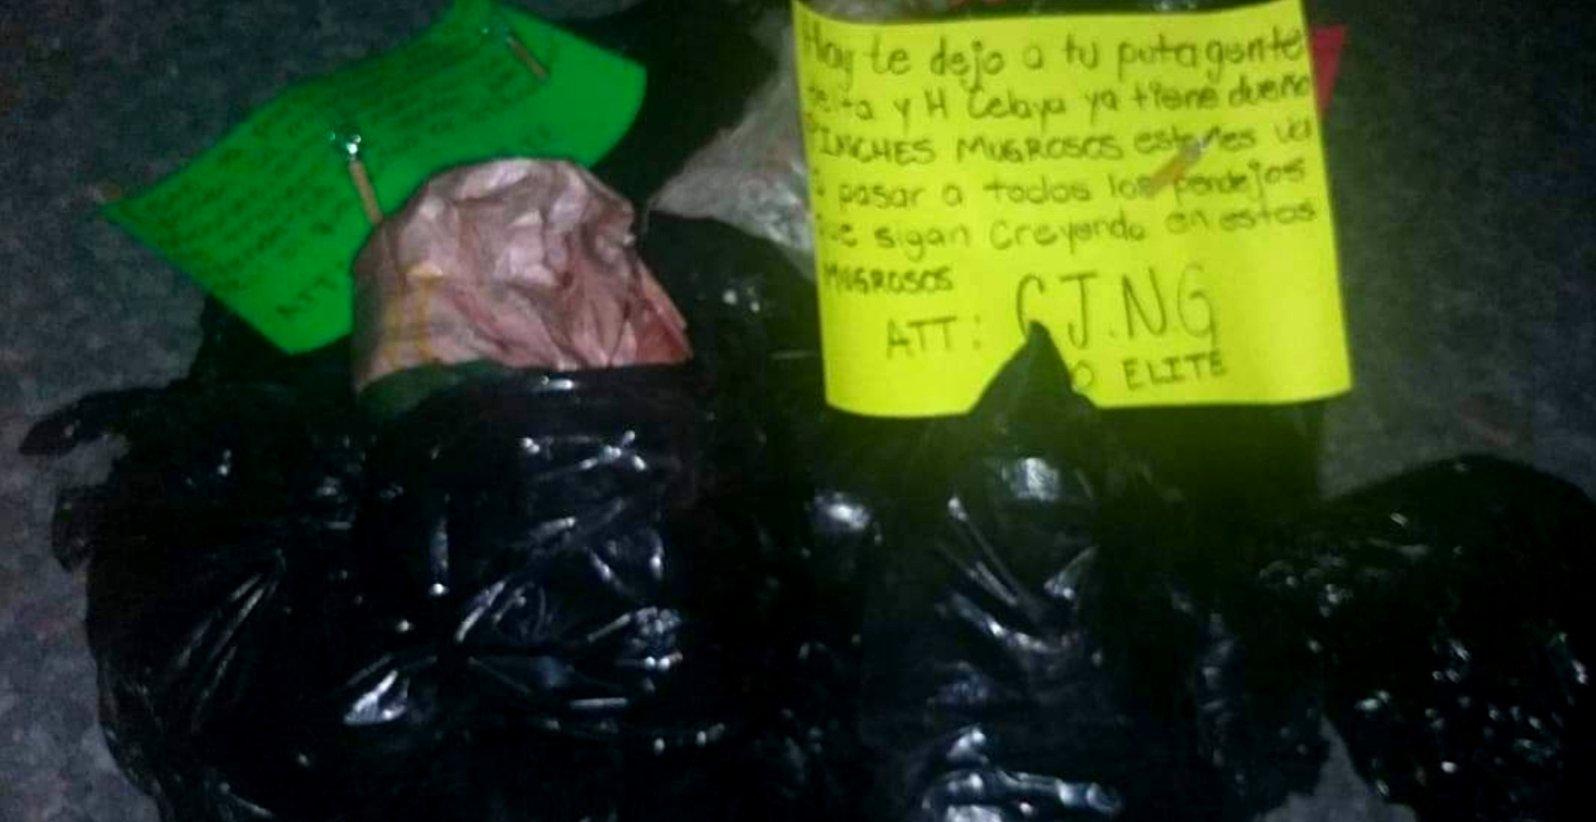 Imagenes: CJNG grupo Élite levanta en Celaya a miembros de El Marro y los descuartiza